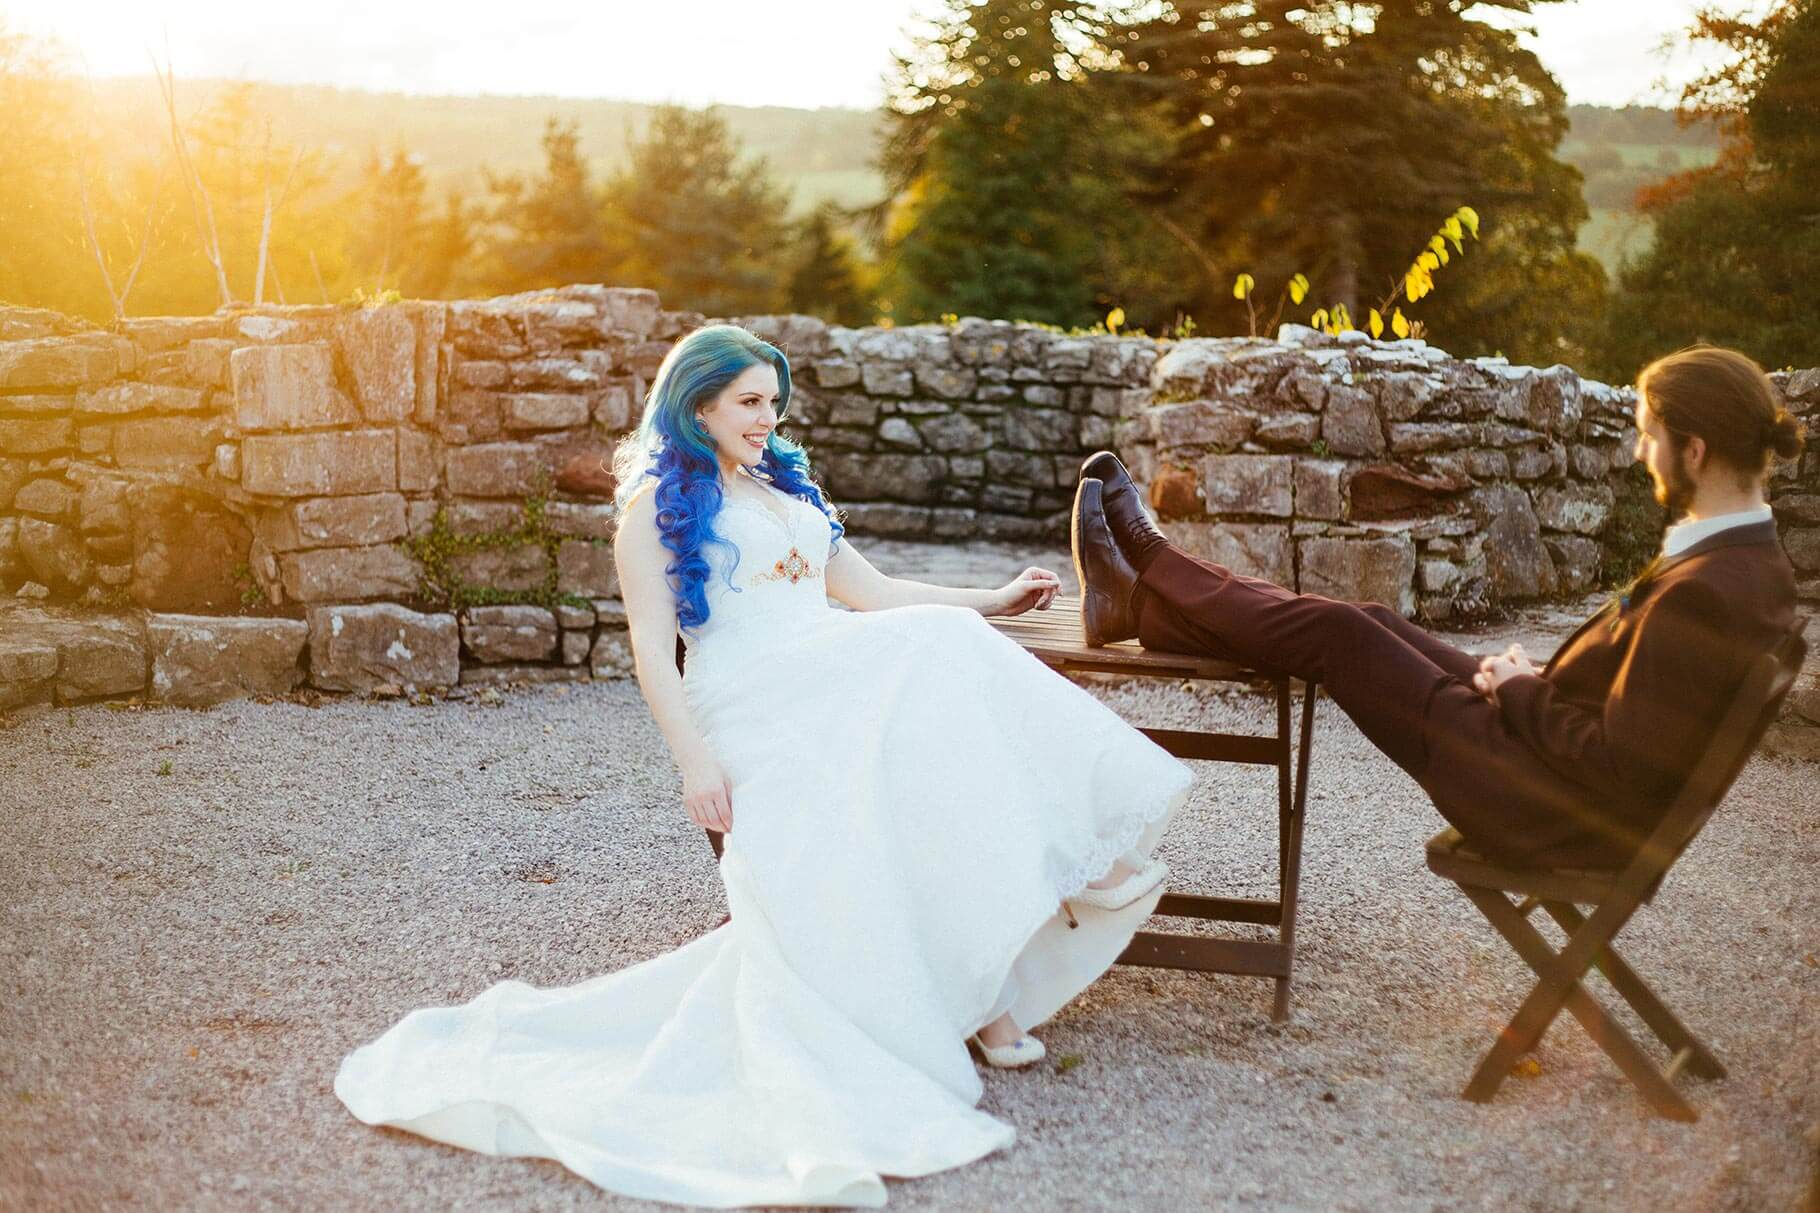 Sunset photo of wedding couple